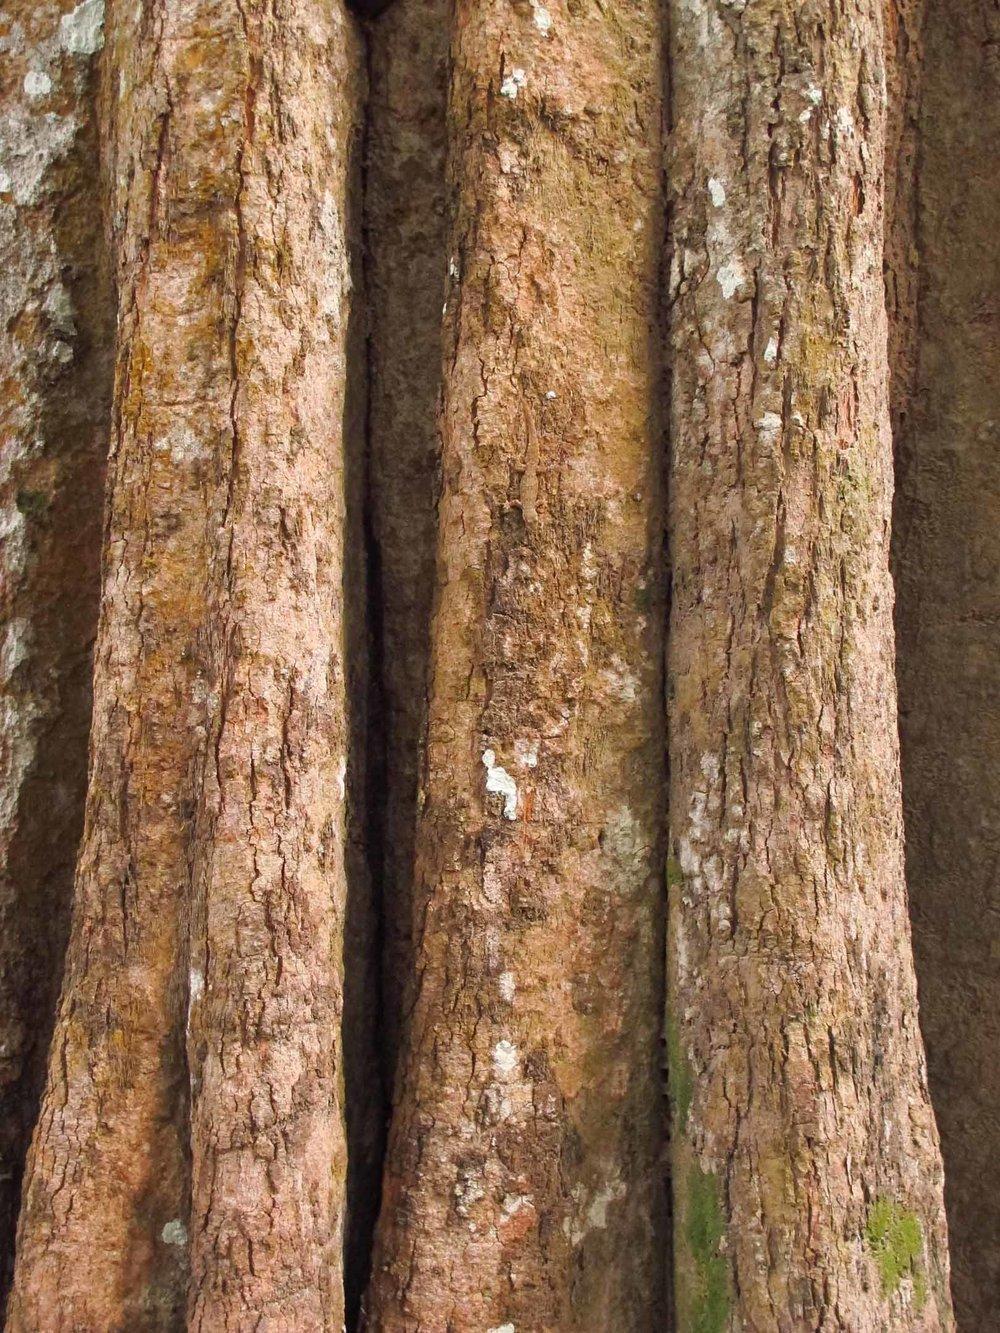 Lizard, Ta Prohm, Angkor Wat